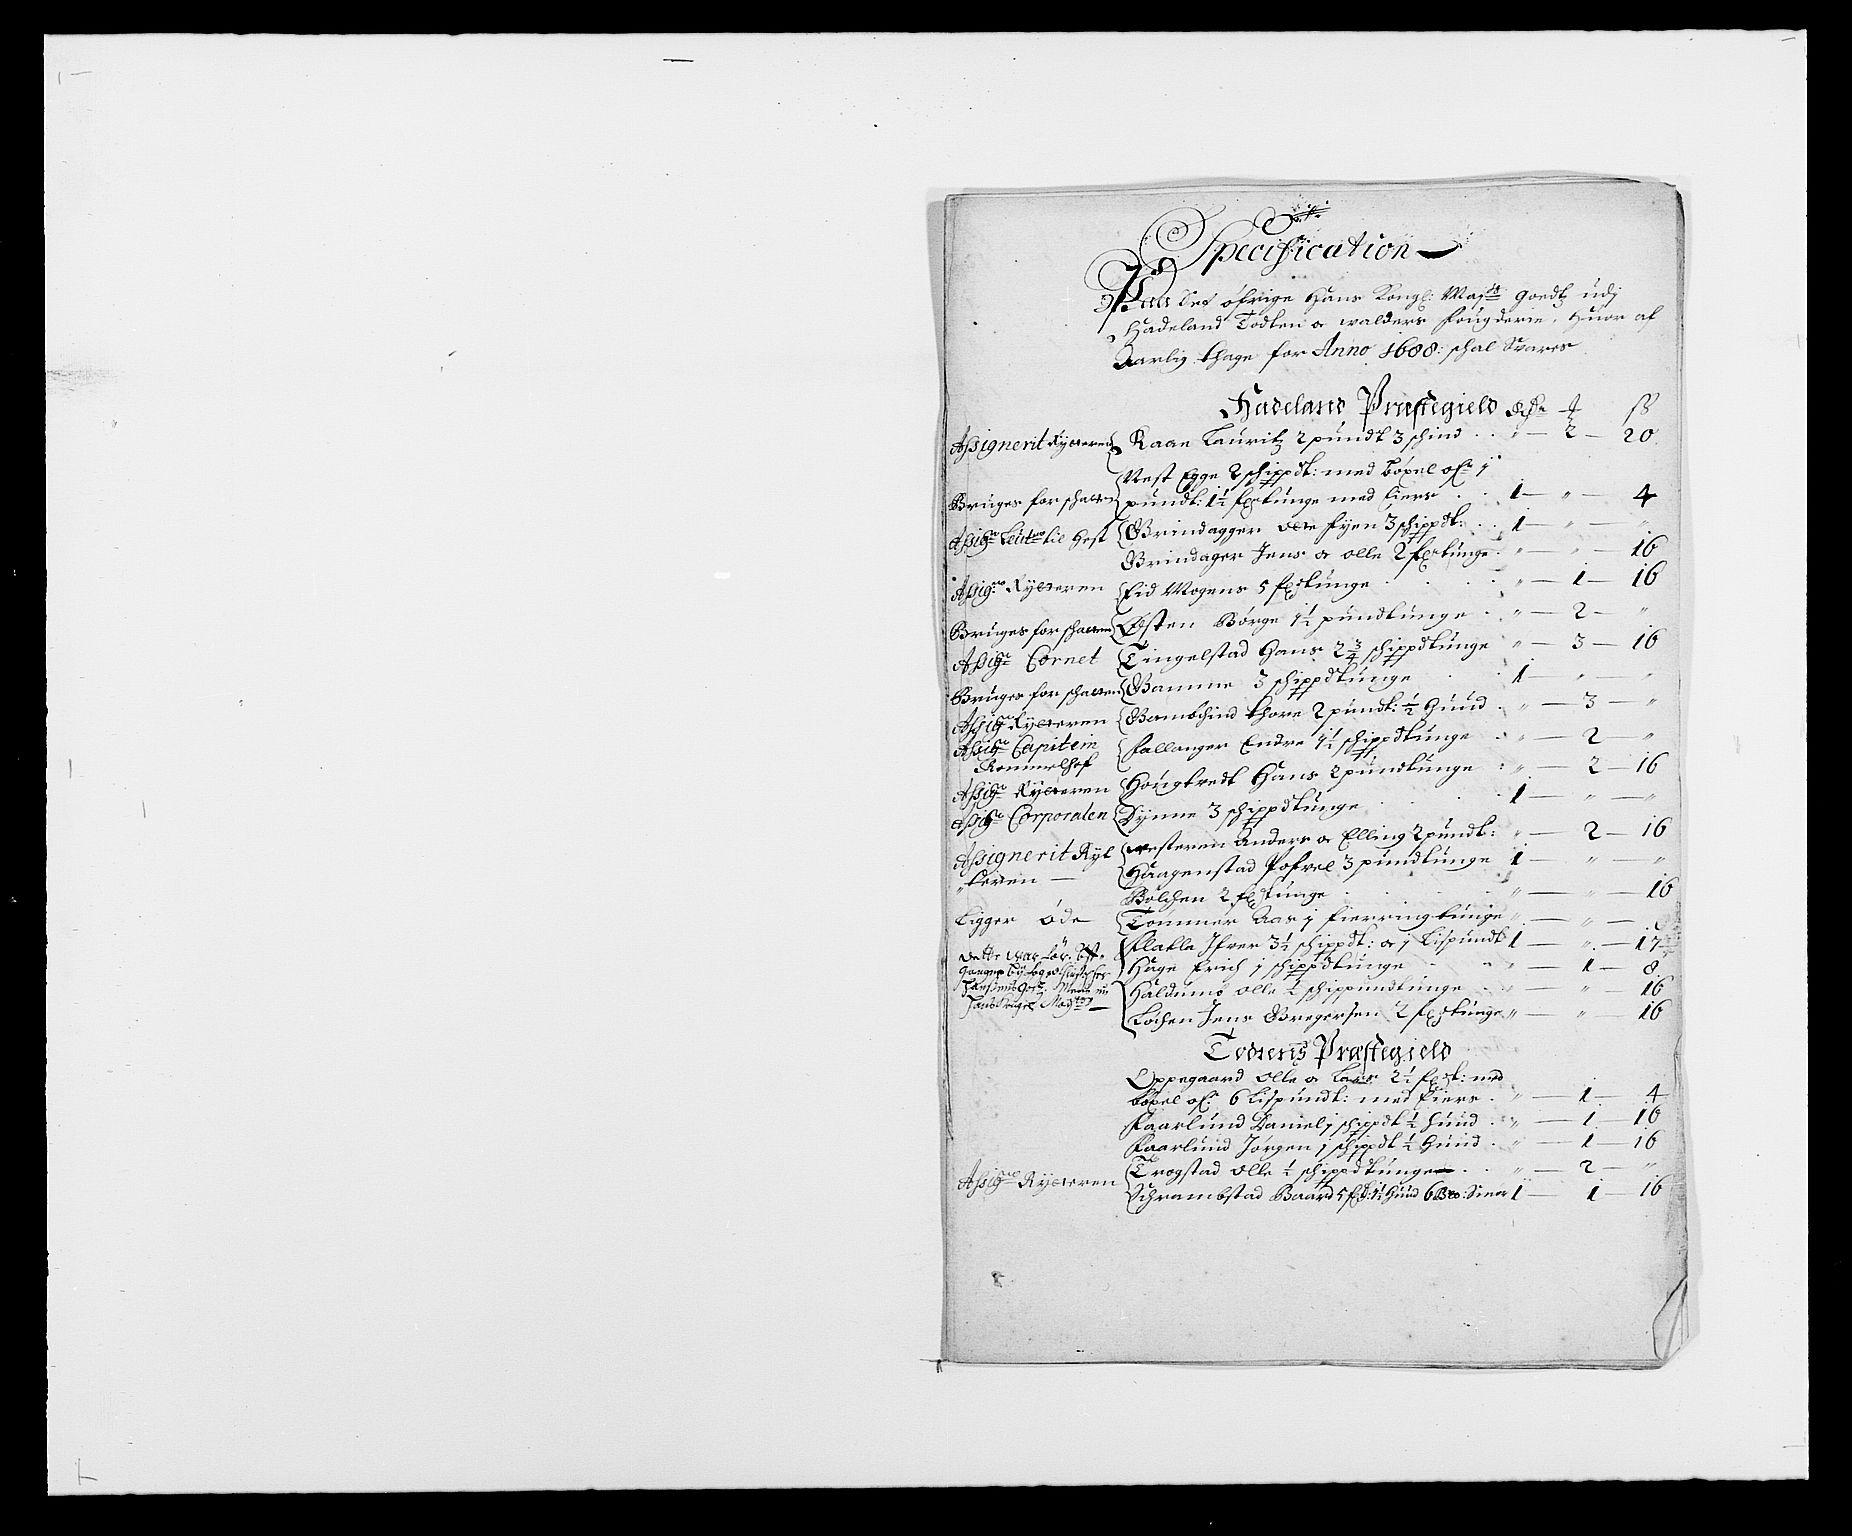 RA, Rentekammeret inntil 1814, Reviderte regnskaper, Fogderegnskap, R18/L1287: Fogderegnskap Hadeland, Toten og Valdres, 1688, s. 207